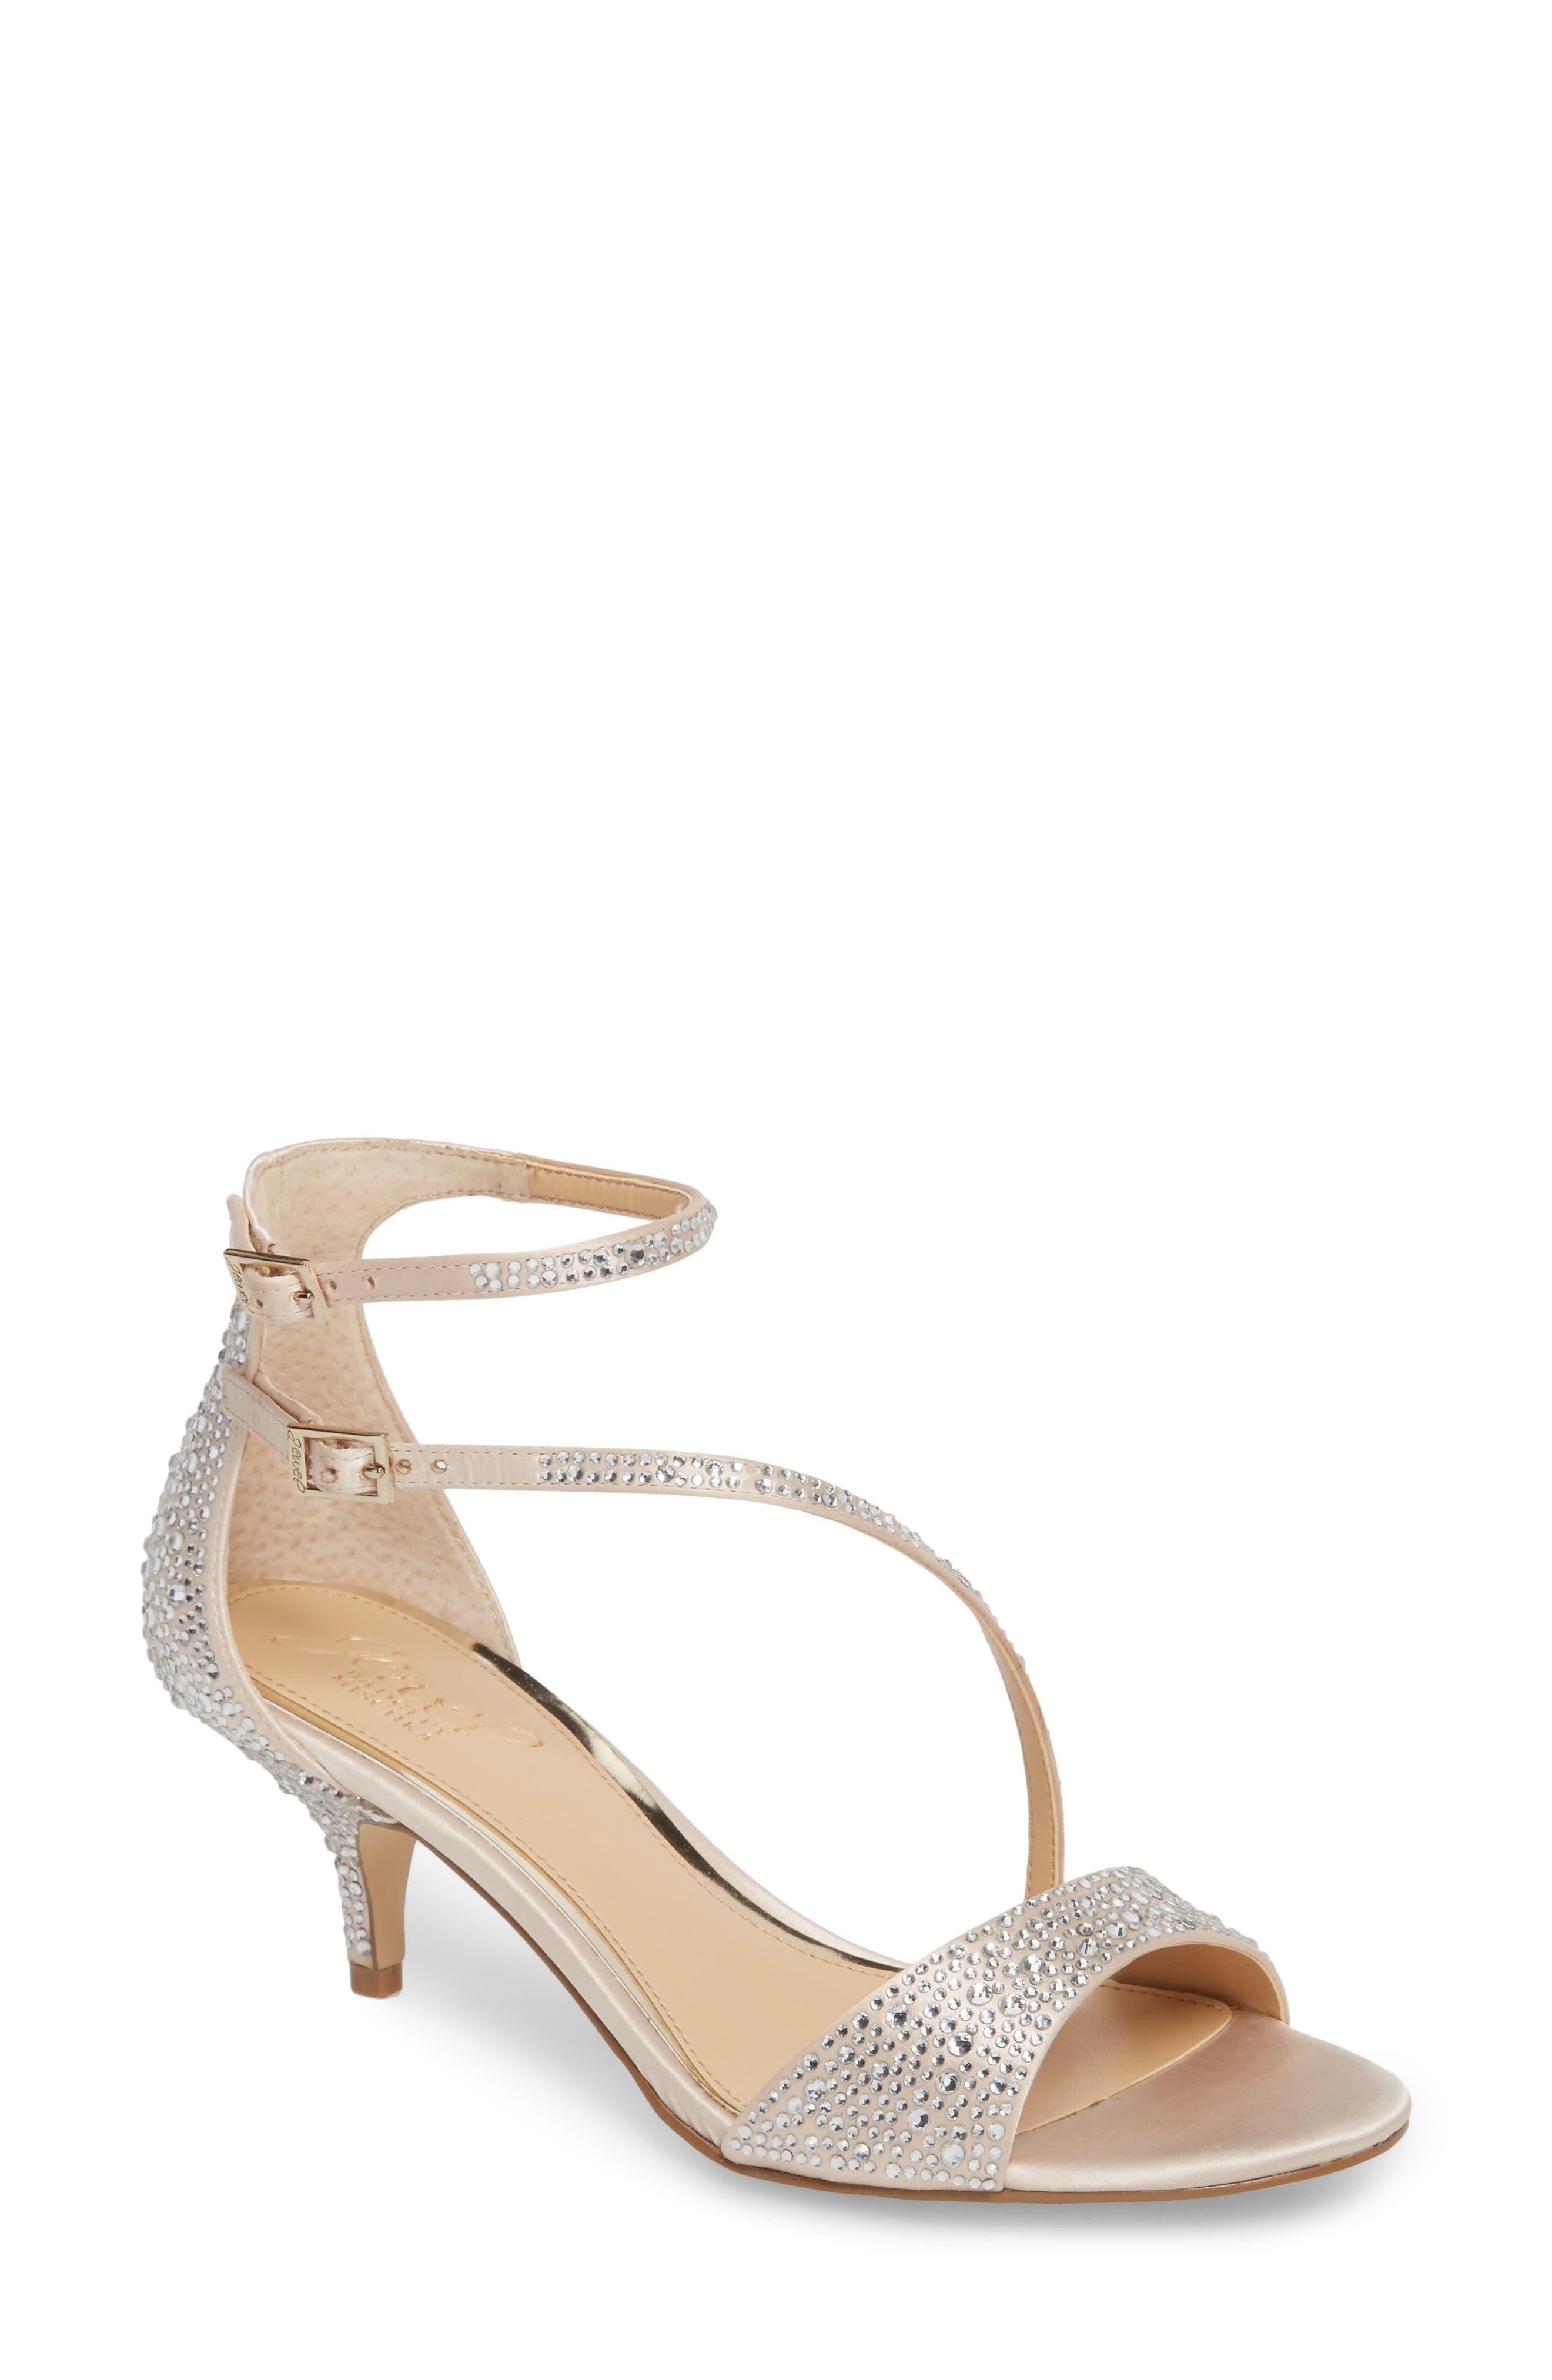 Tangerine Crystal Embellished Sandal,                         Main,                         color, CHAMPAGNE SATIN